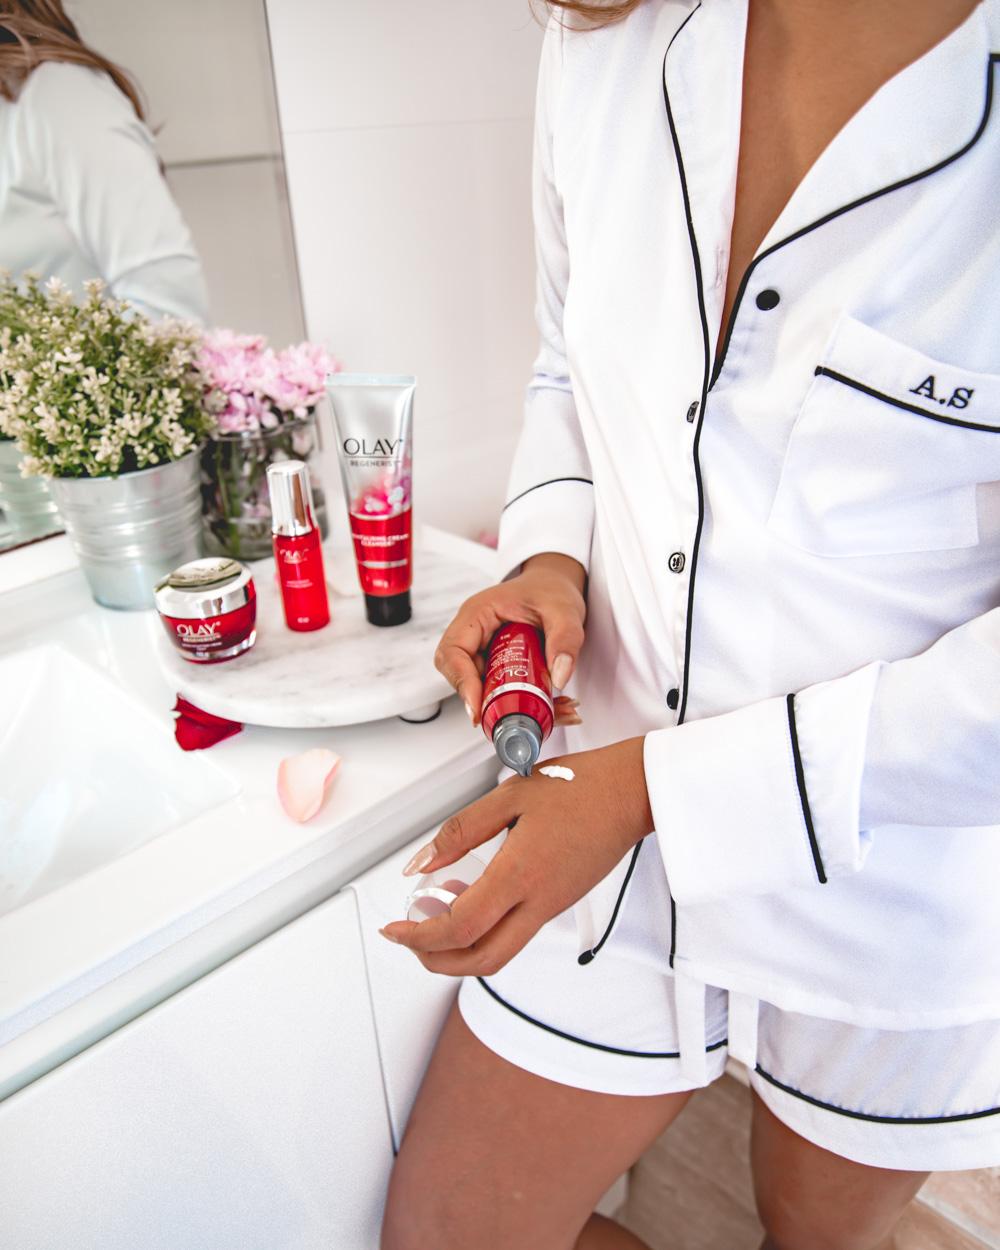 Nghỉ dịch lười bôi trát, 8 loại kem dưỡng ẩm kiêm chống nắng sẽ giúp các nàng chống lão hóa thành công - Ảnh 7.